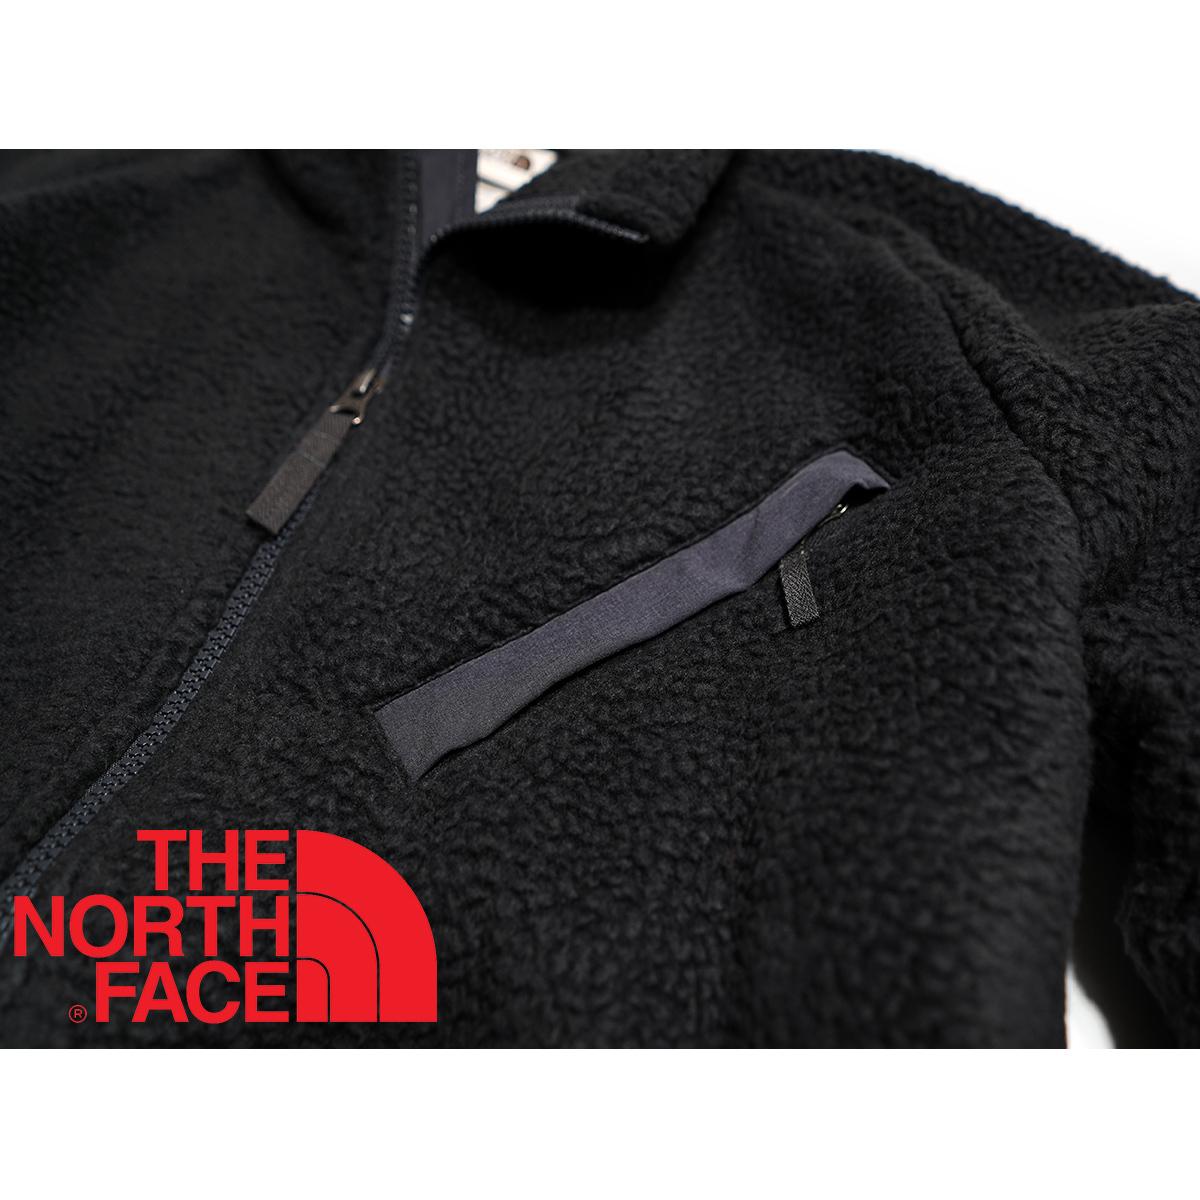 【新品本物 USA購入】THE NORTH FACE ノースフェイス ■ Cragmont Fleece ■ ブラック / L ■シェルパ フリースジャケット 海外限定_画像7